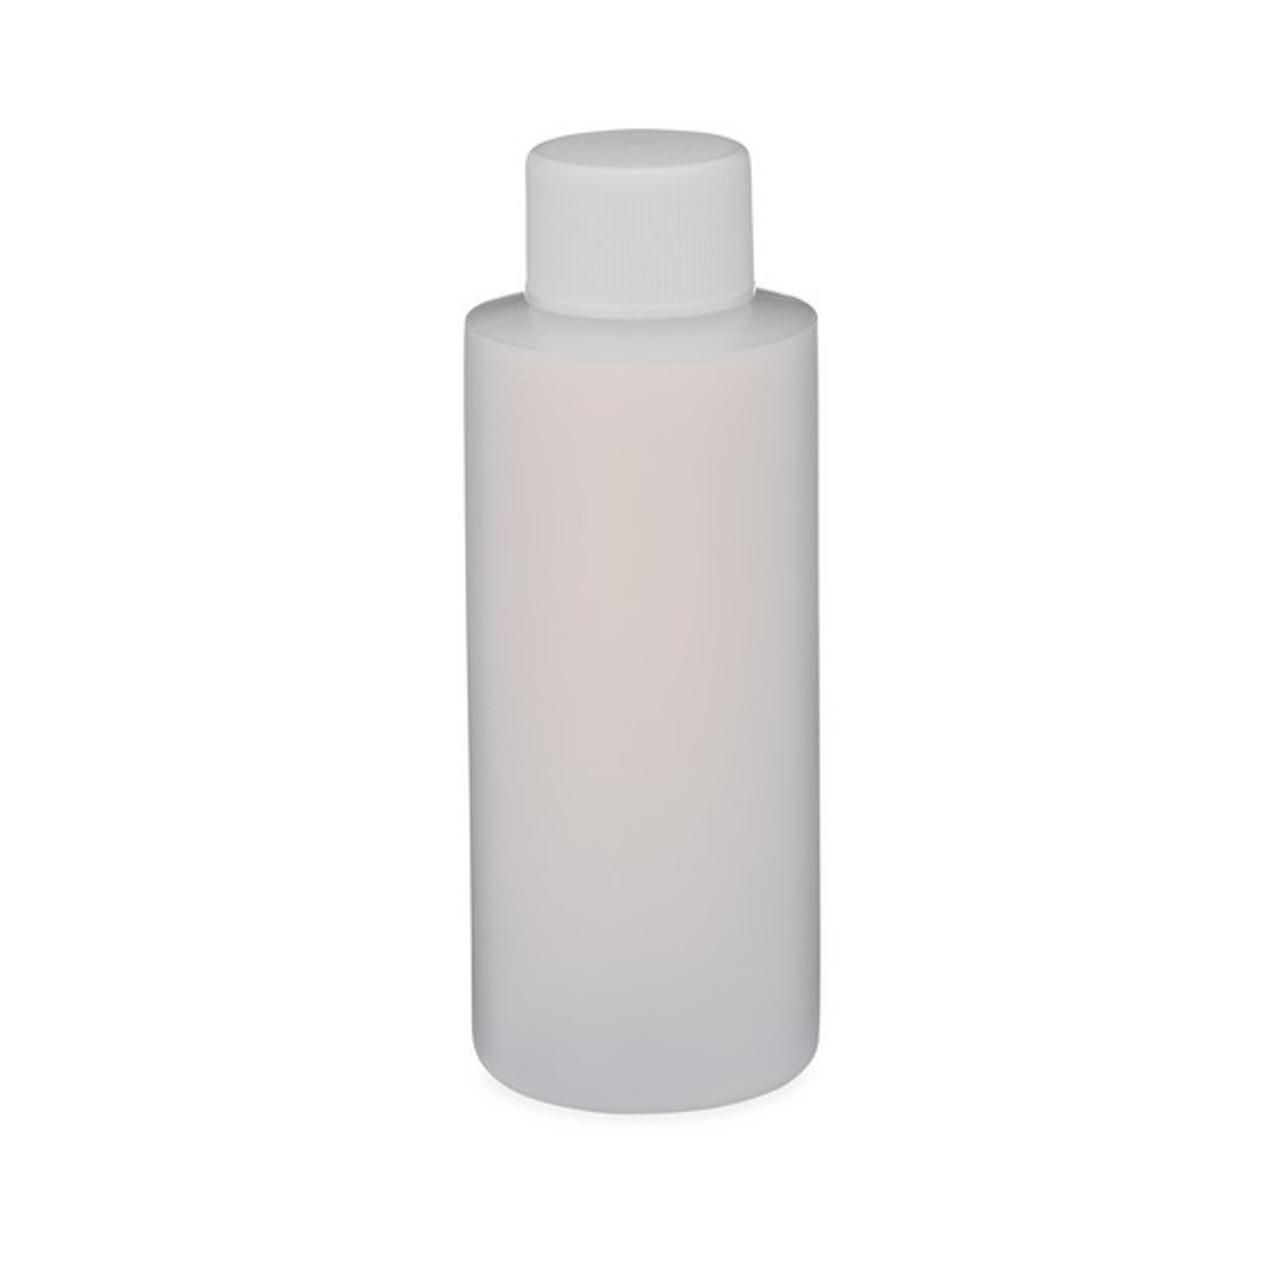 Dropper Bottle 2oz bottle by General Bottle Supply